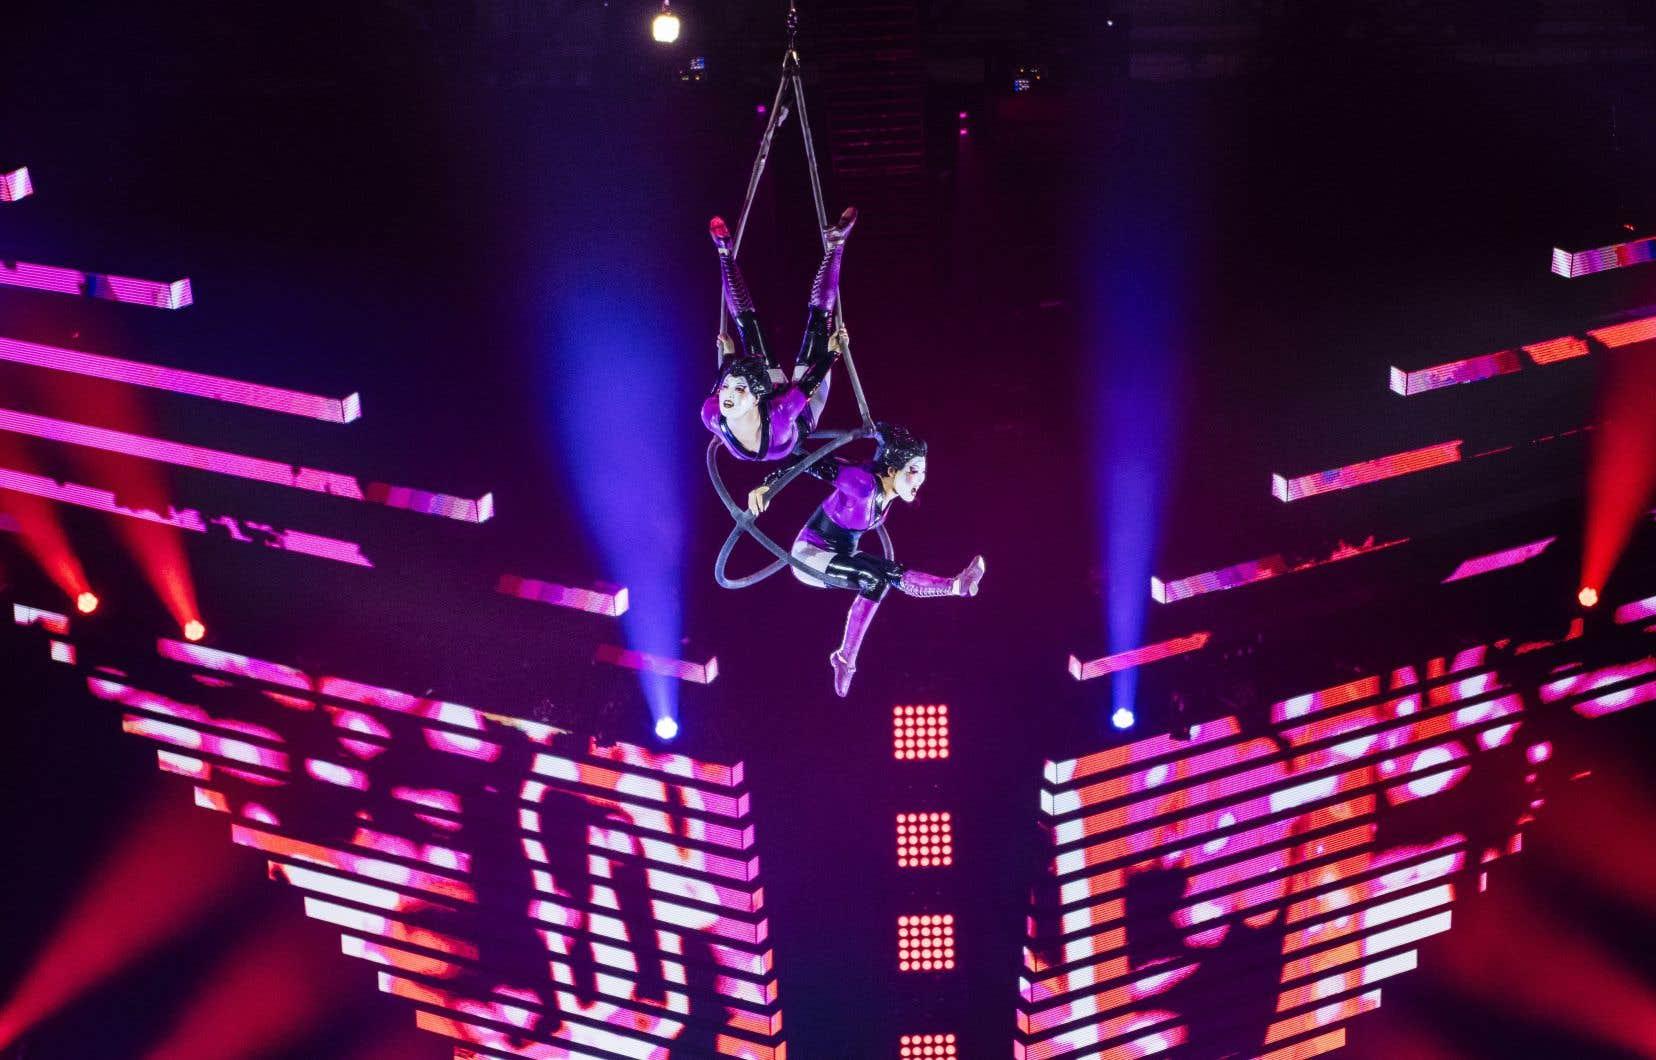 4679 employés du Cirque du Soleil sont licenciés temporairement.